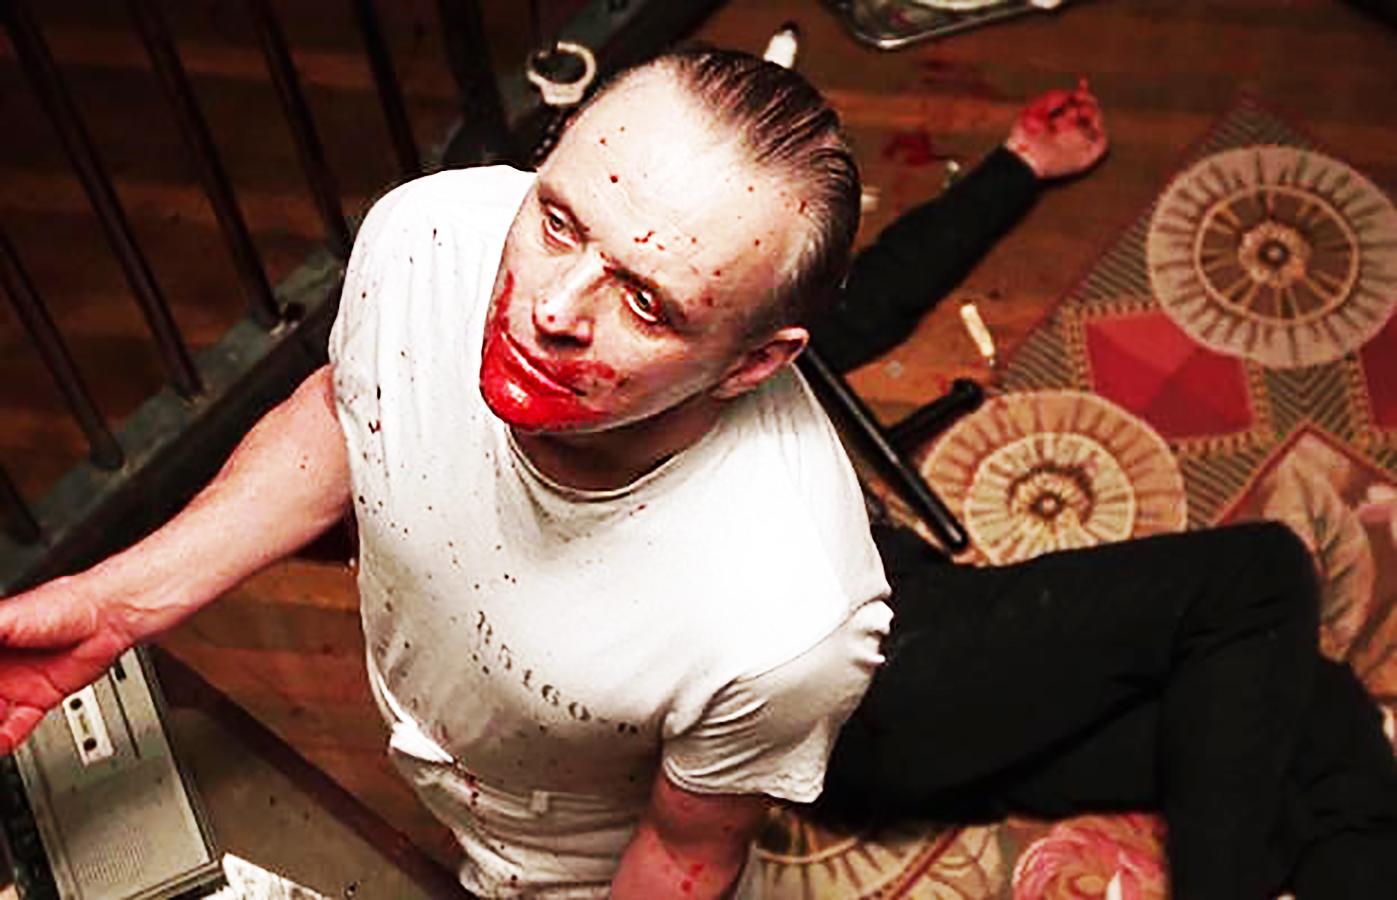 ۱۰ فیلم سینمایی در مورد قاتل های زنجیرهای